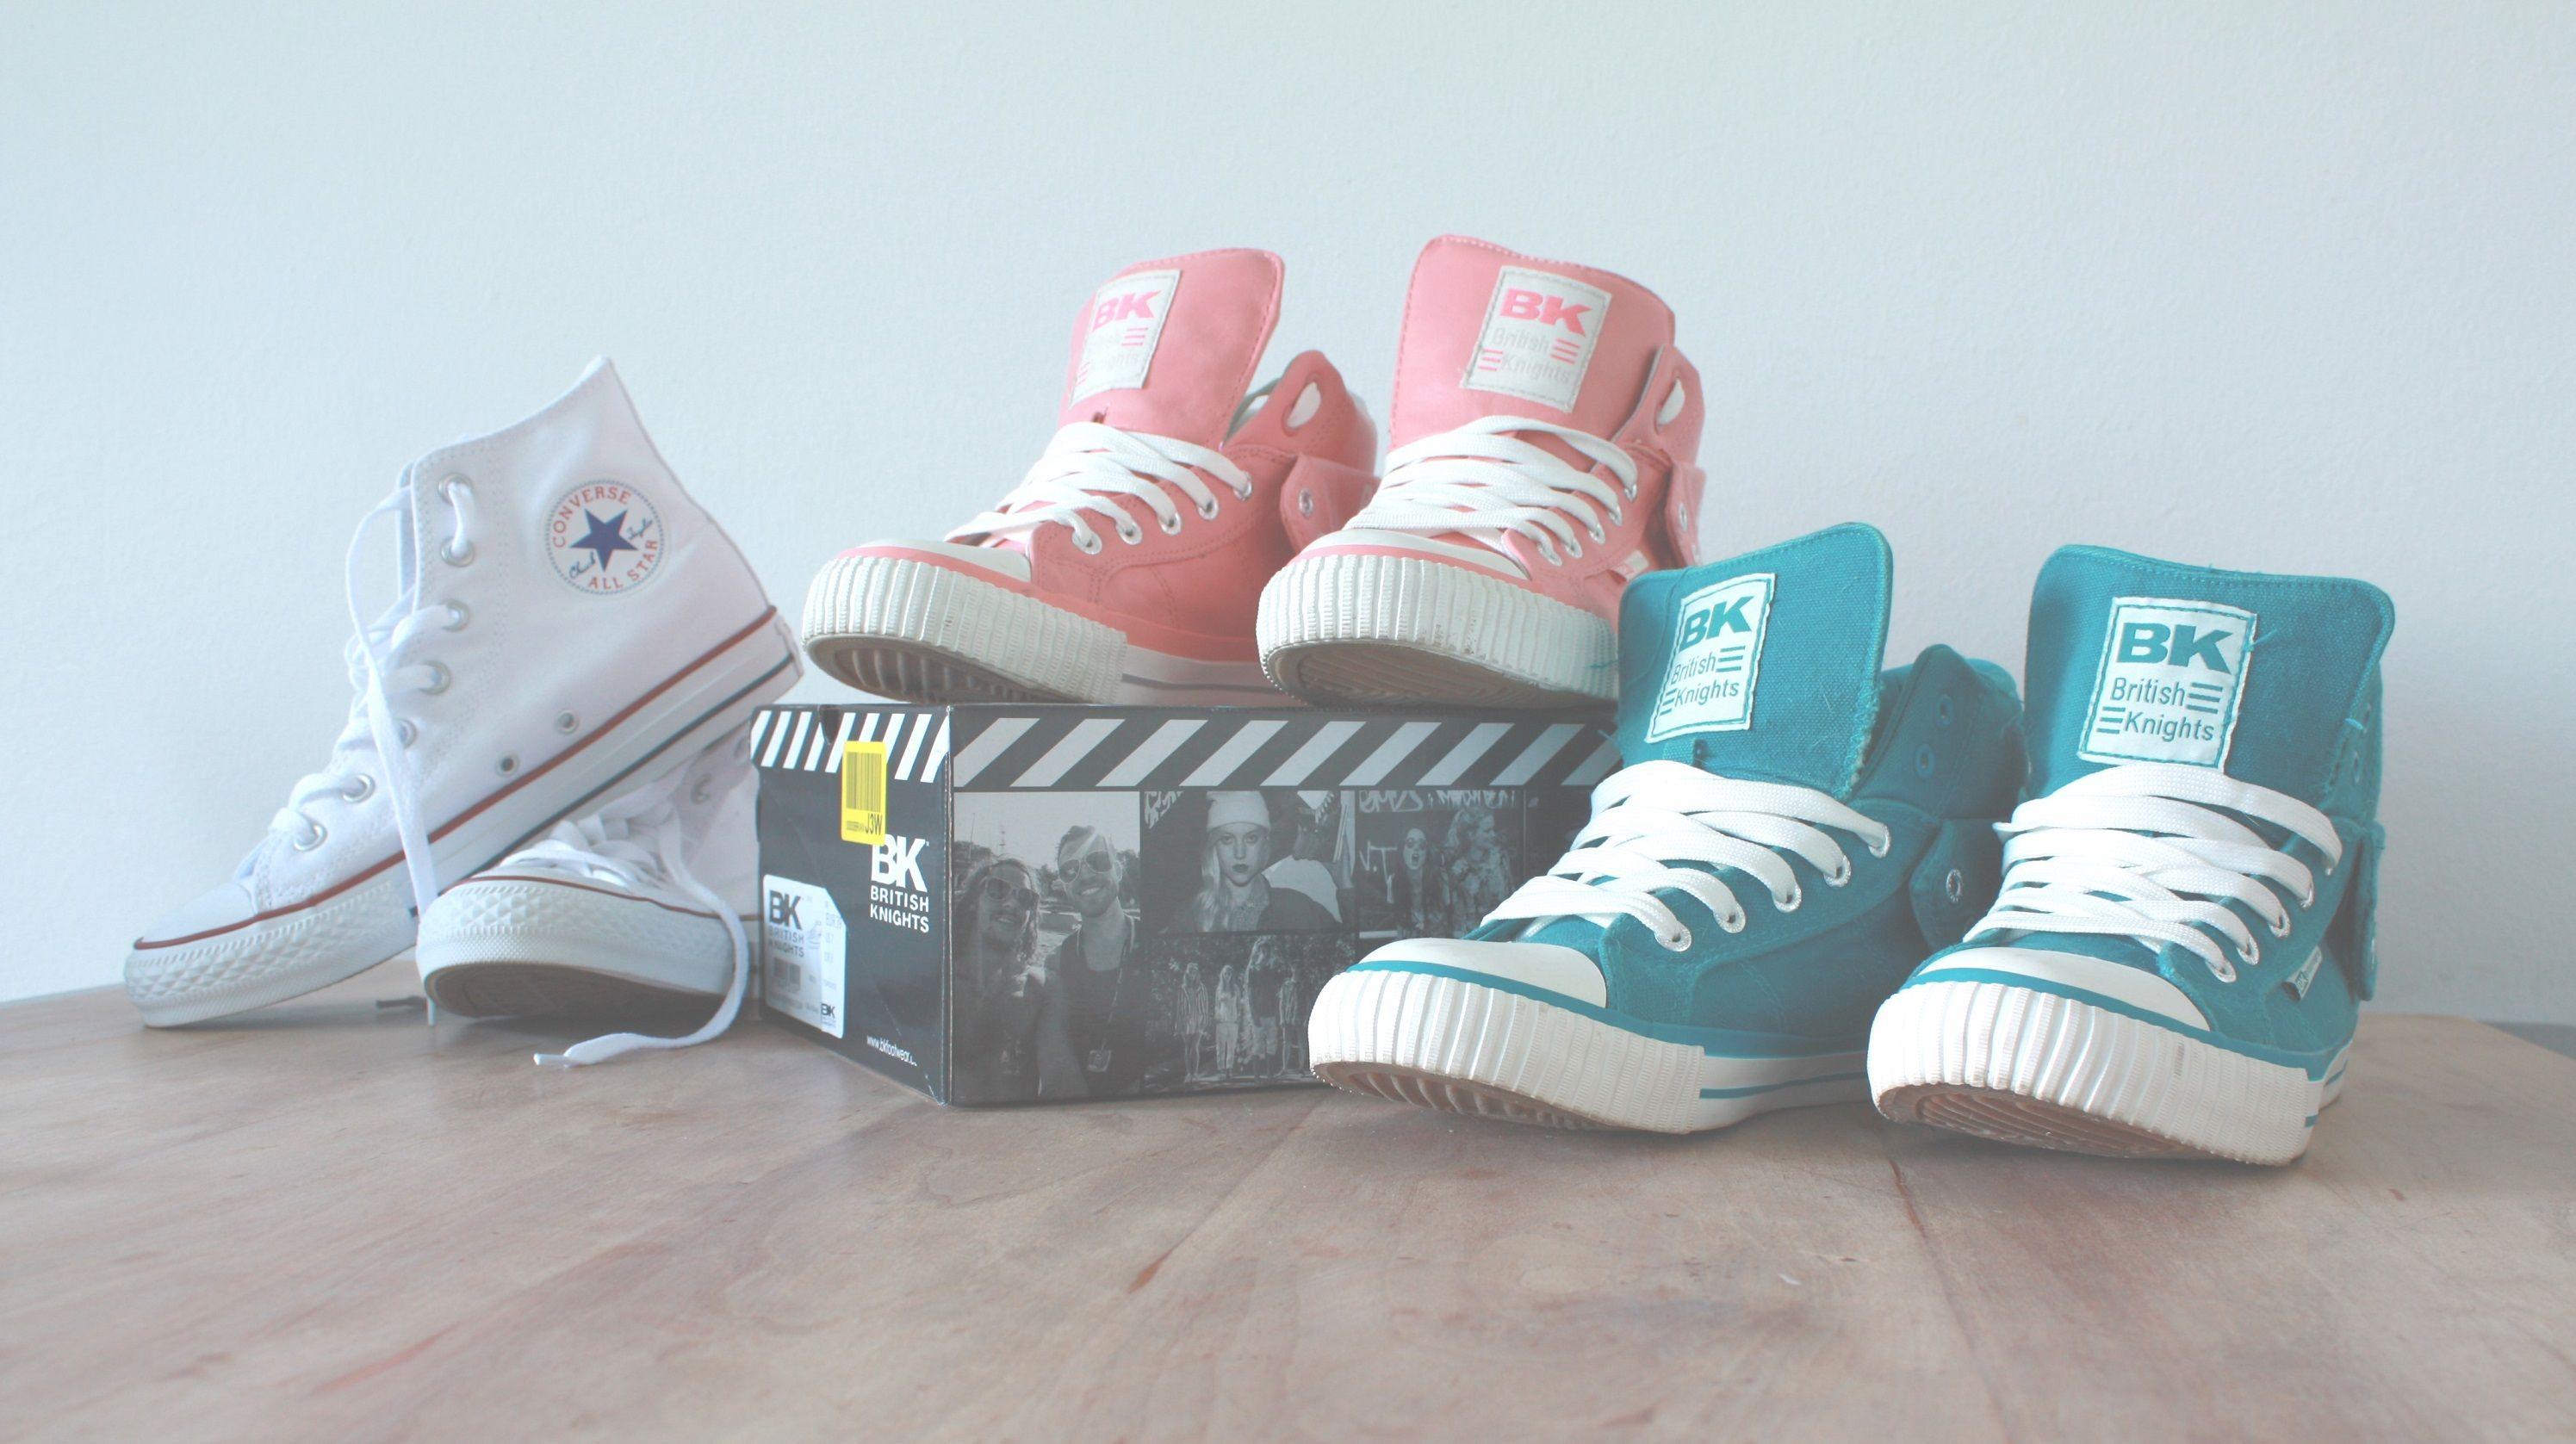 sneakers van bk besteld bij @zalando